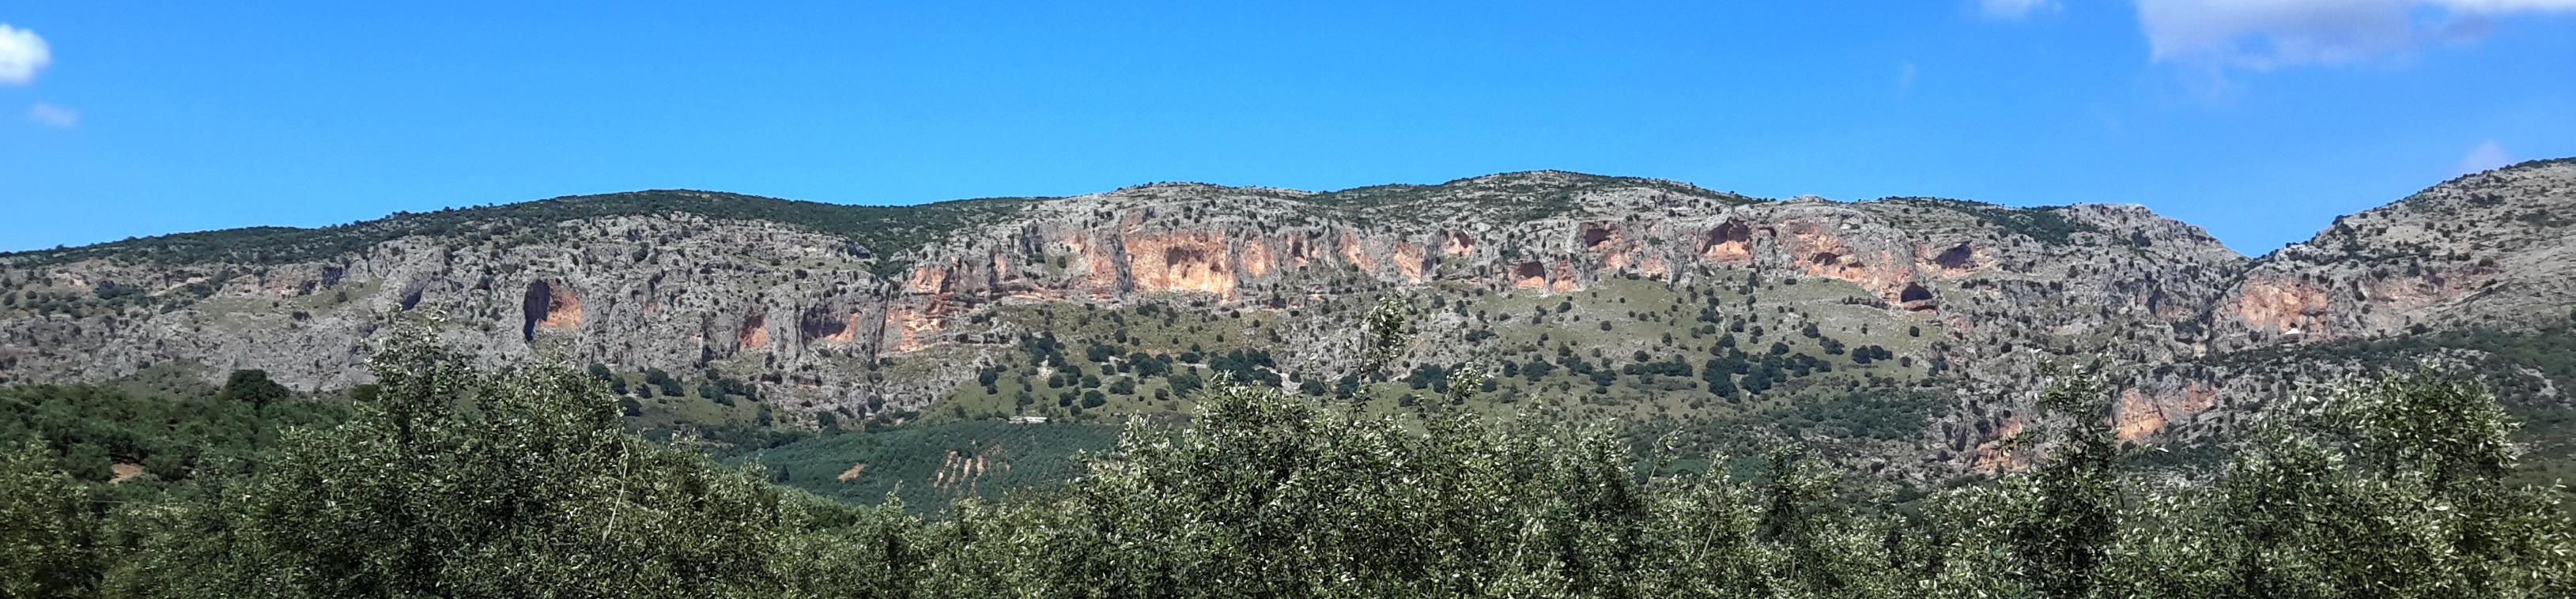 Σπήλαια Αιτωλοακαρνανίας: Ένας άγνωστος ιστορικός και αρχαιολογικός θησαυρός